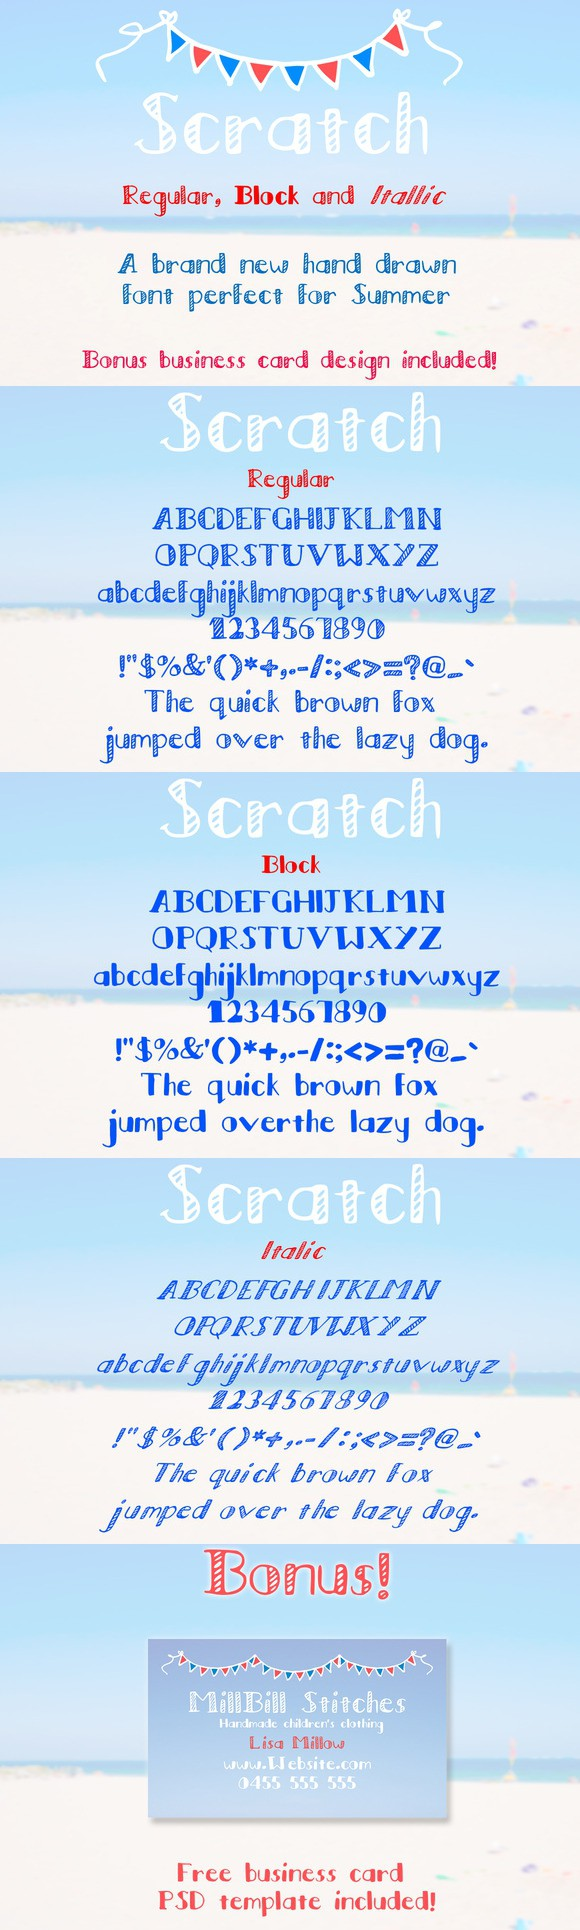 Scratch -Regular, Block, Italic Font  Fonts  $6 00   Best Fonts